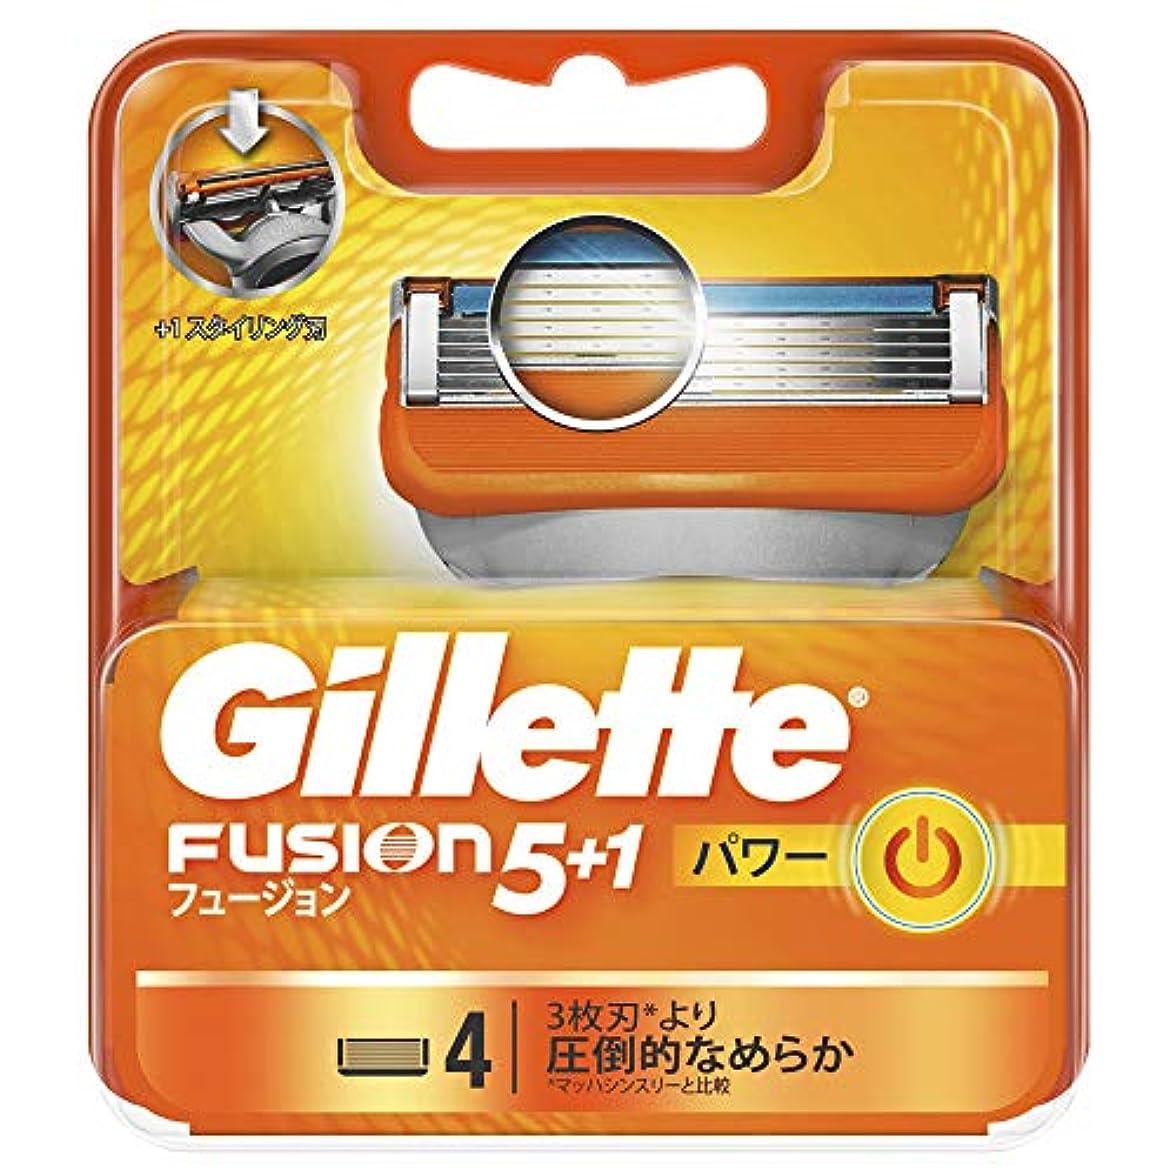 小道具簡潔などちらもジレット 髭剃り フュージョン 5+1 パワー 替刃4個入